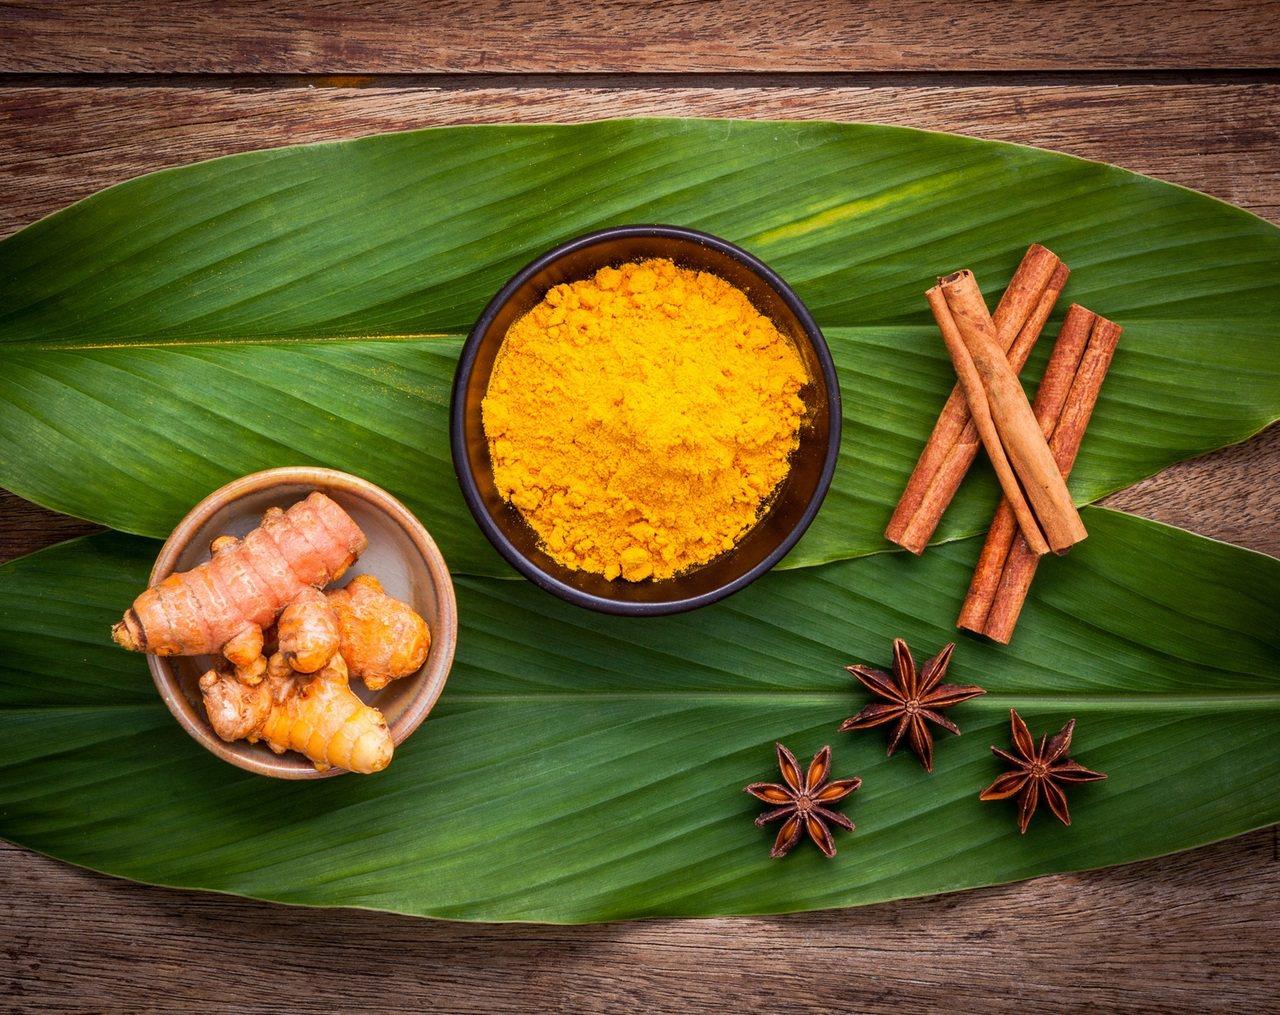 薑黃自古就作為養生使用,能幫助代謝。 圖/Shutterstock 提供